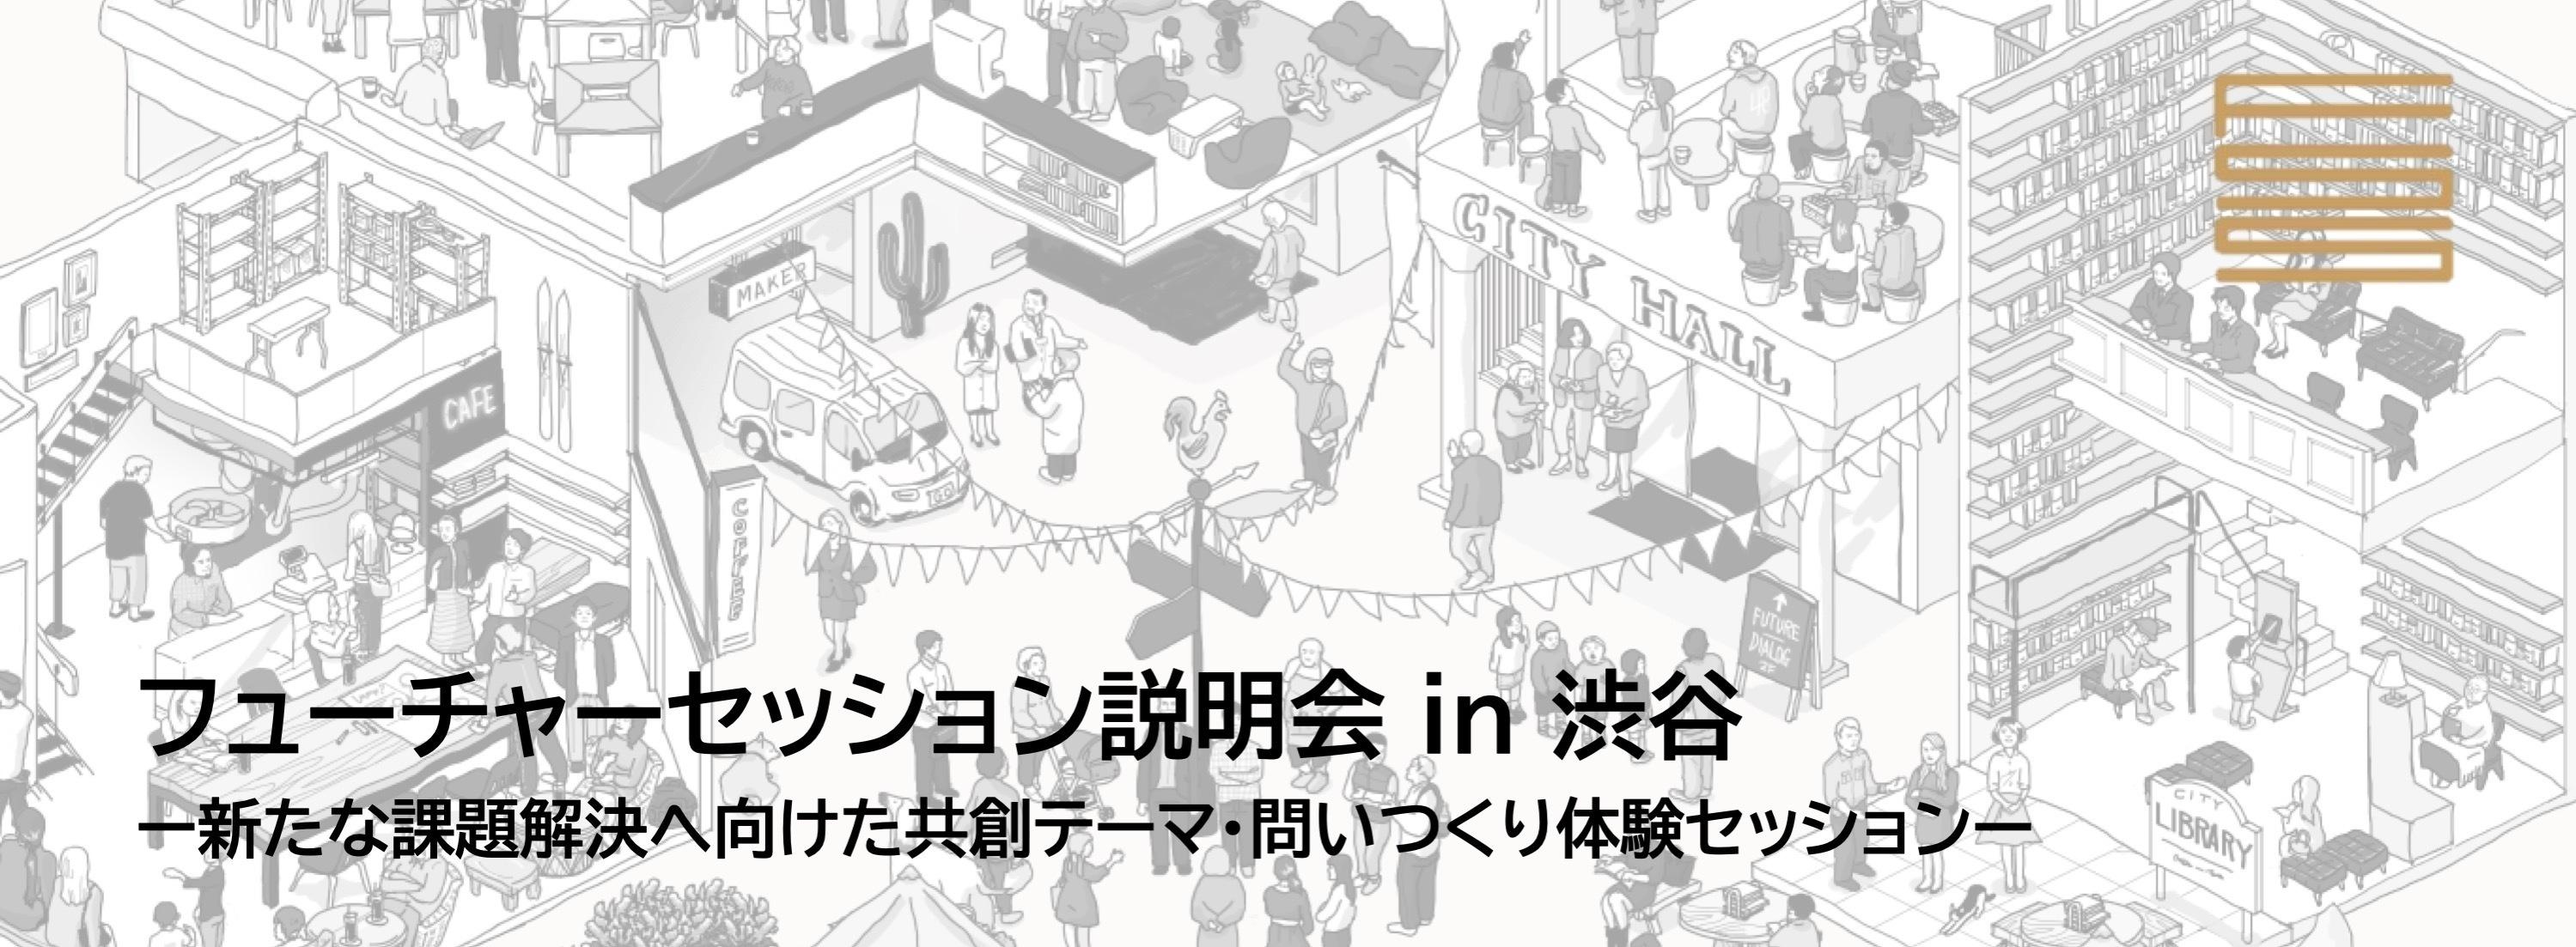 フューチャーセッション説明会 in 渋谷 1/24【夜】 ー新たな課題解決へ向けた共創テーマ・問いつくり体験セッションー